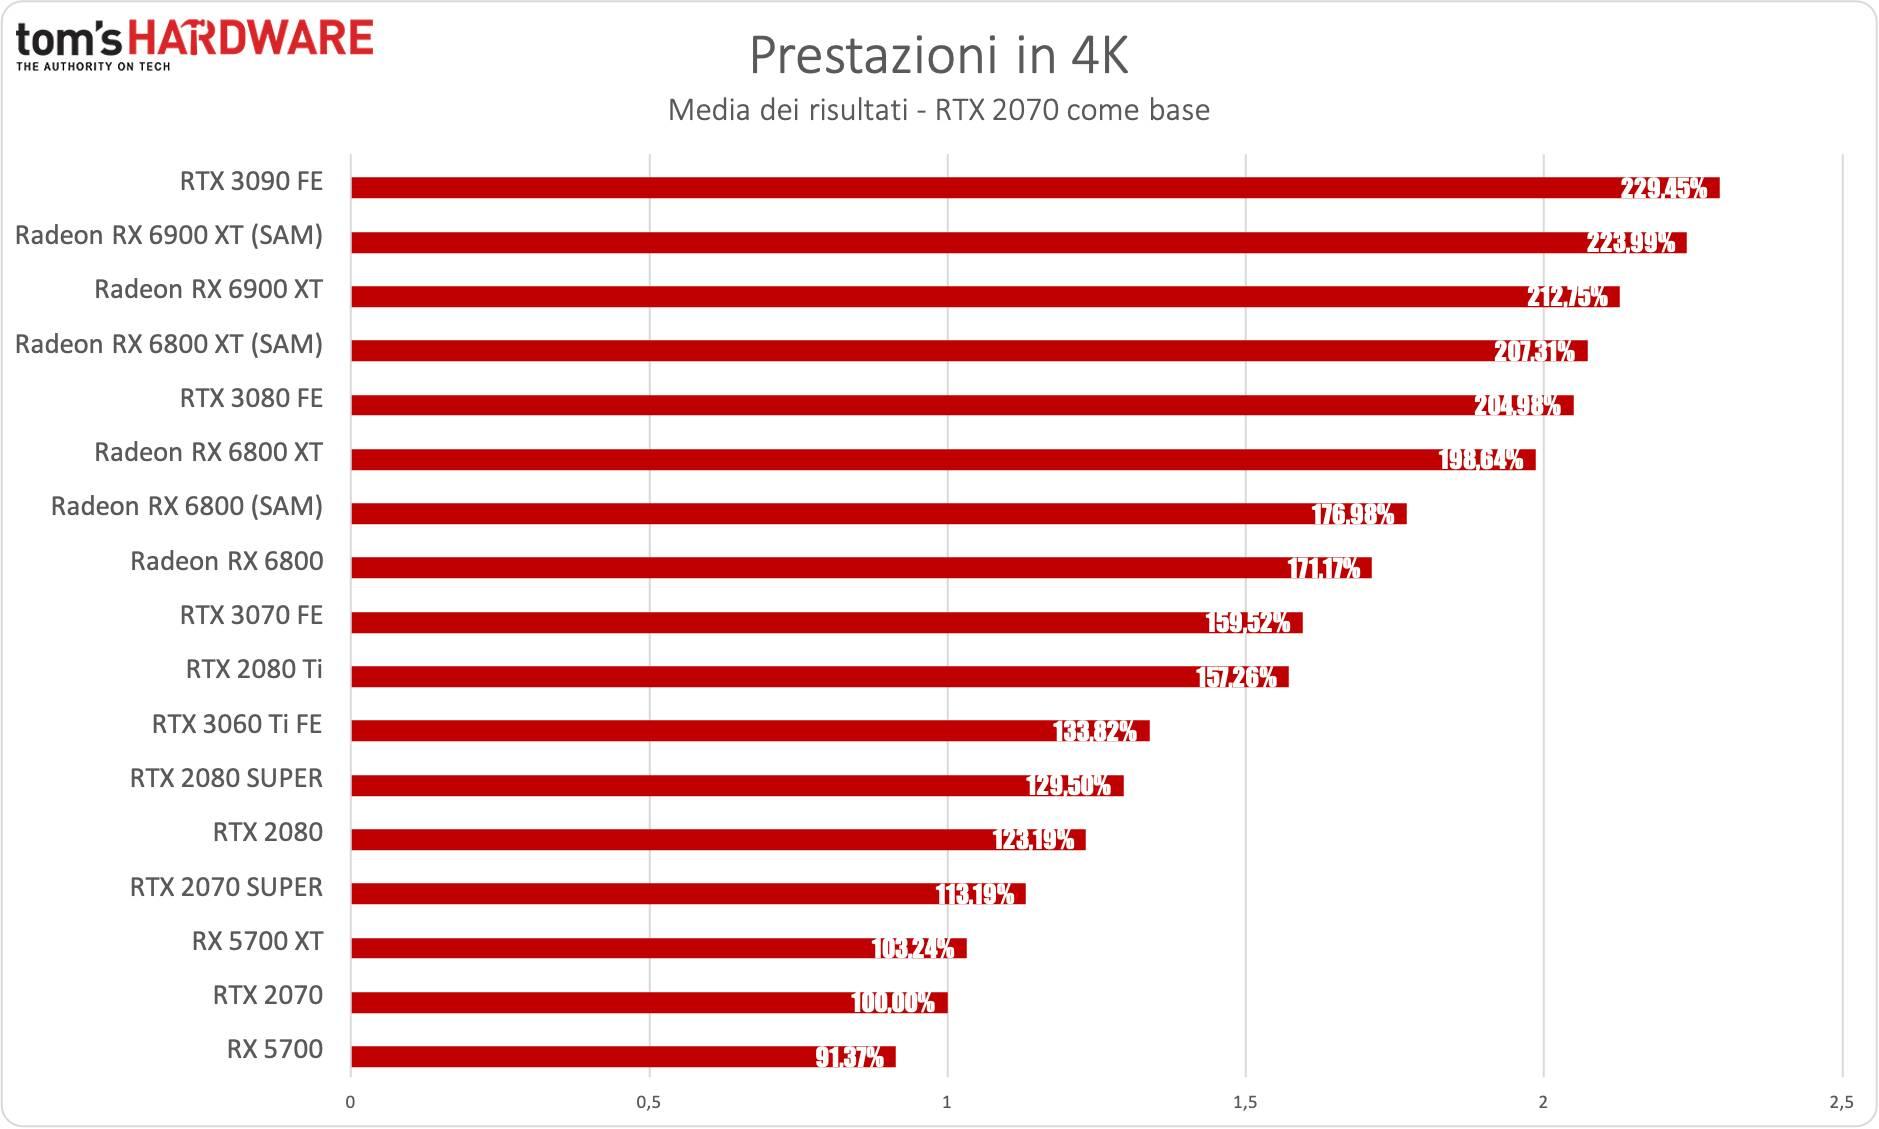 Benchmark Radeon RX 6900 XT - 4K - diff. % RTX 2070